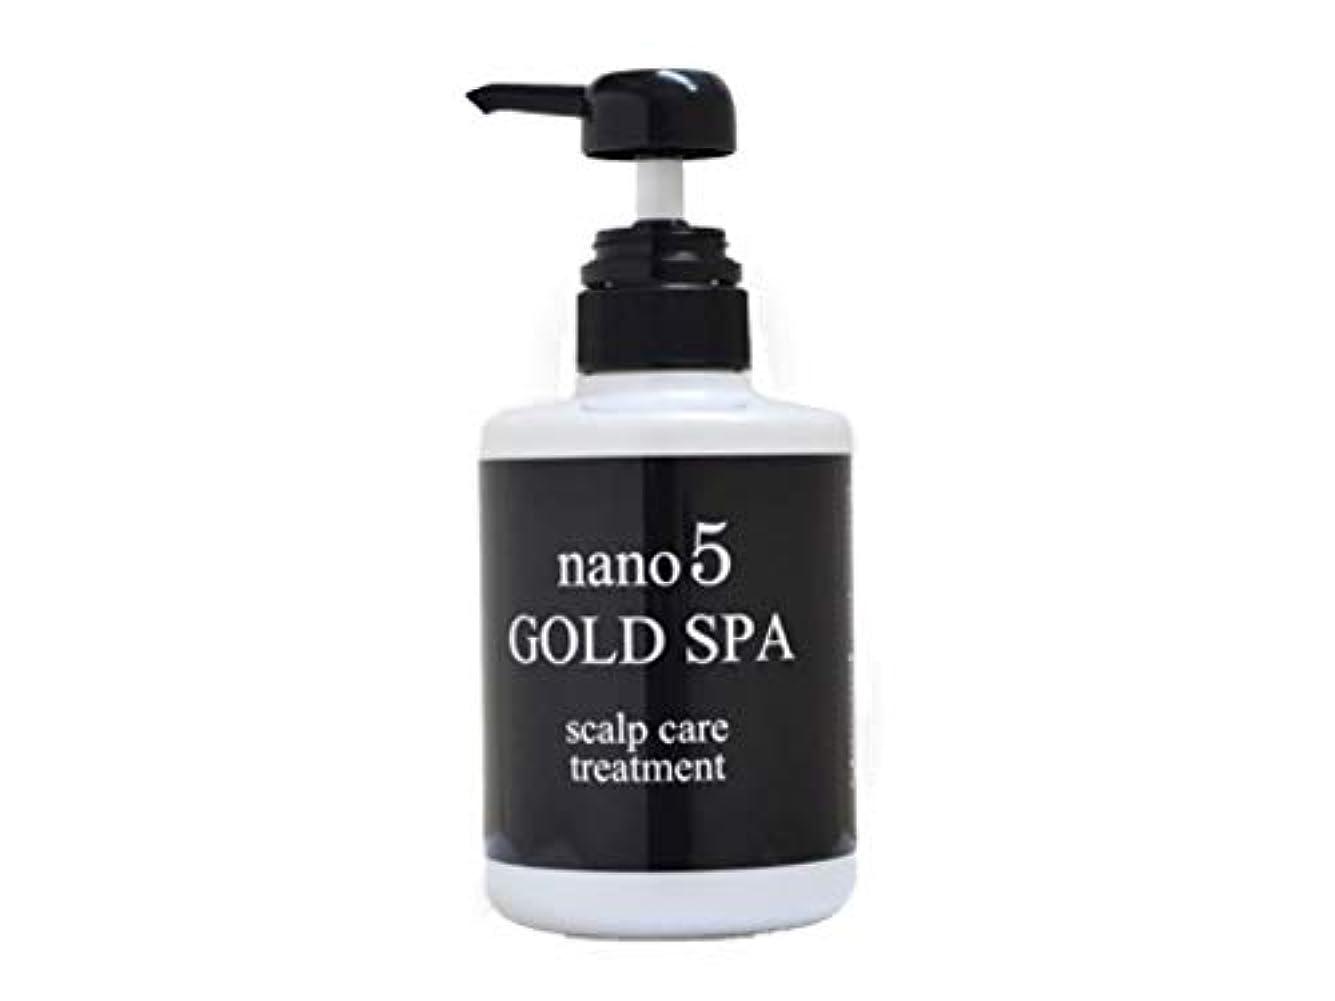 ジョージハンブリー怒り軍団nano5GOLD SPA(ナノファイブゴールドスパ) nano5 GOLD SPAトリートメント ほのかなアロマの香り 350